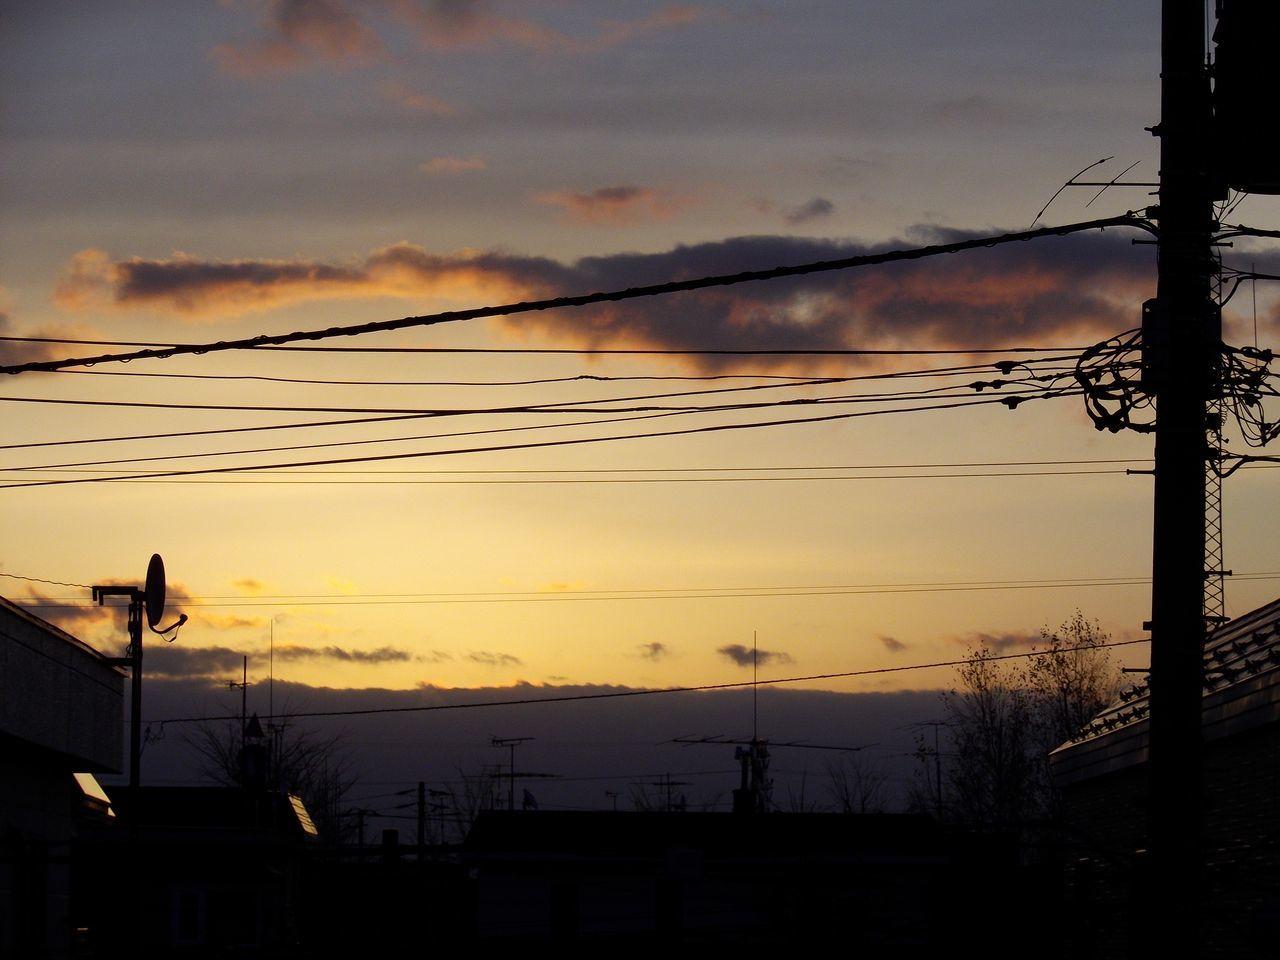 いつ降ってもおかしくない寒さ_c0025115_18360534.jpg